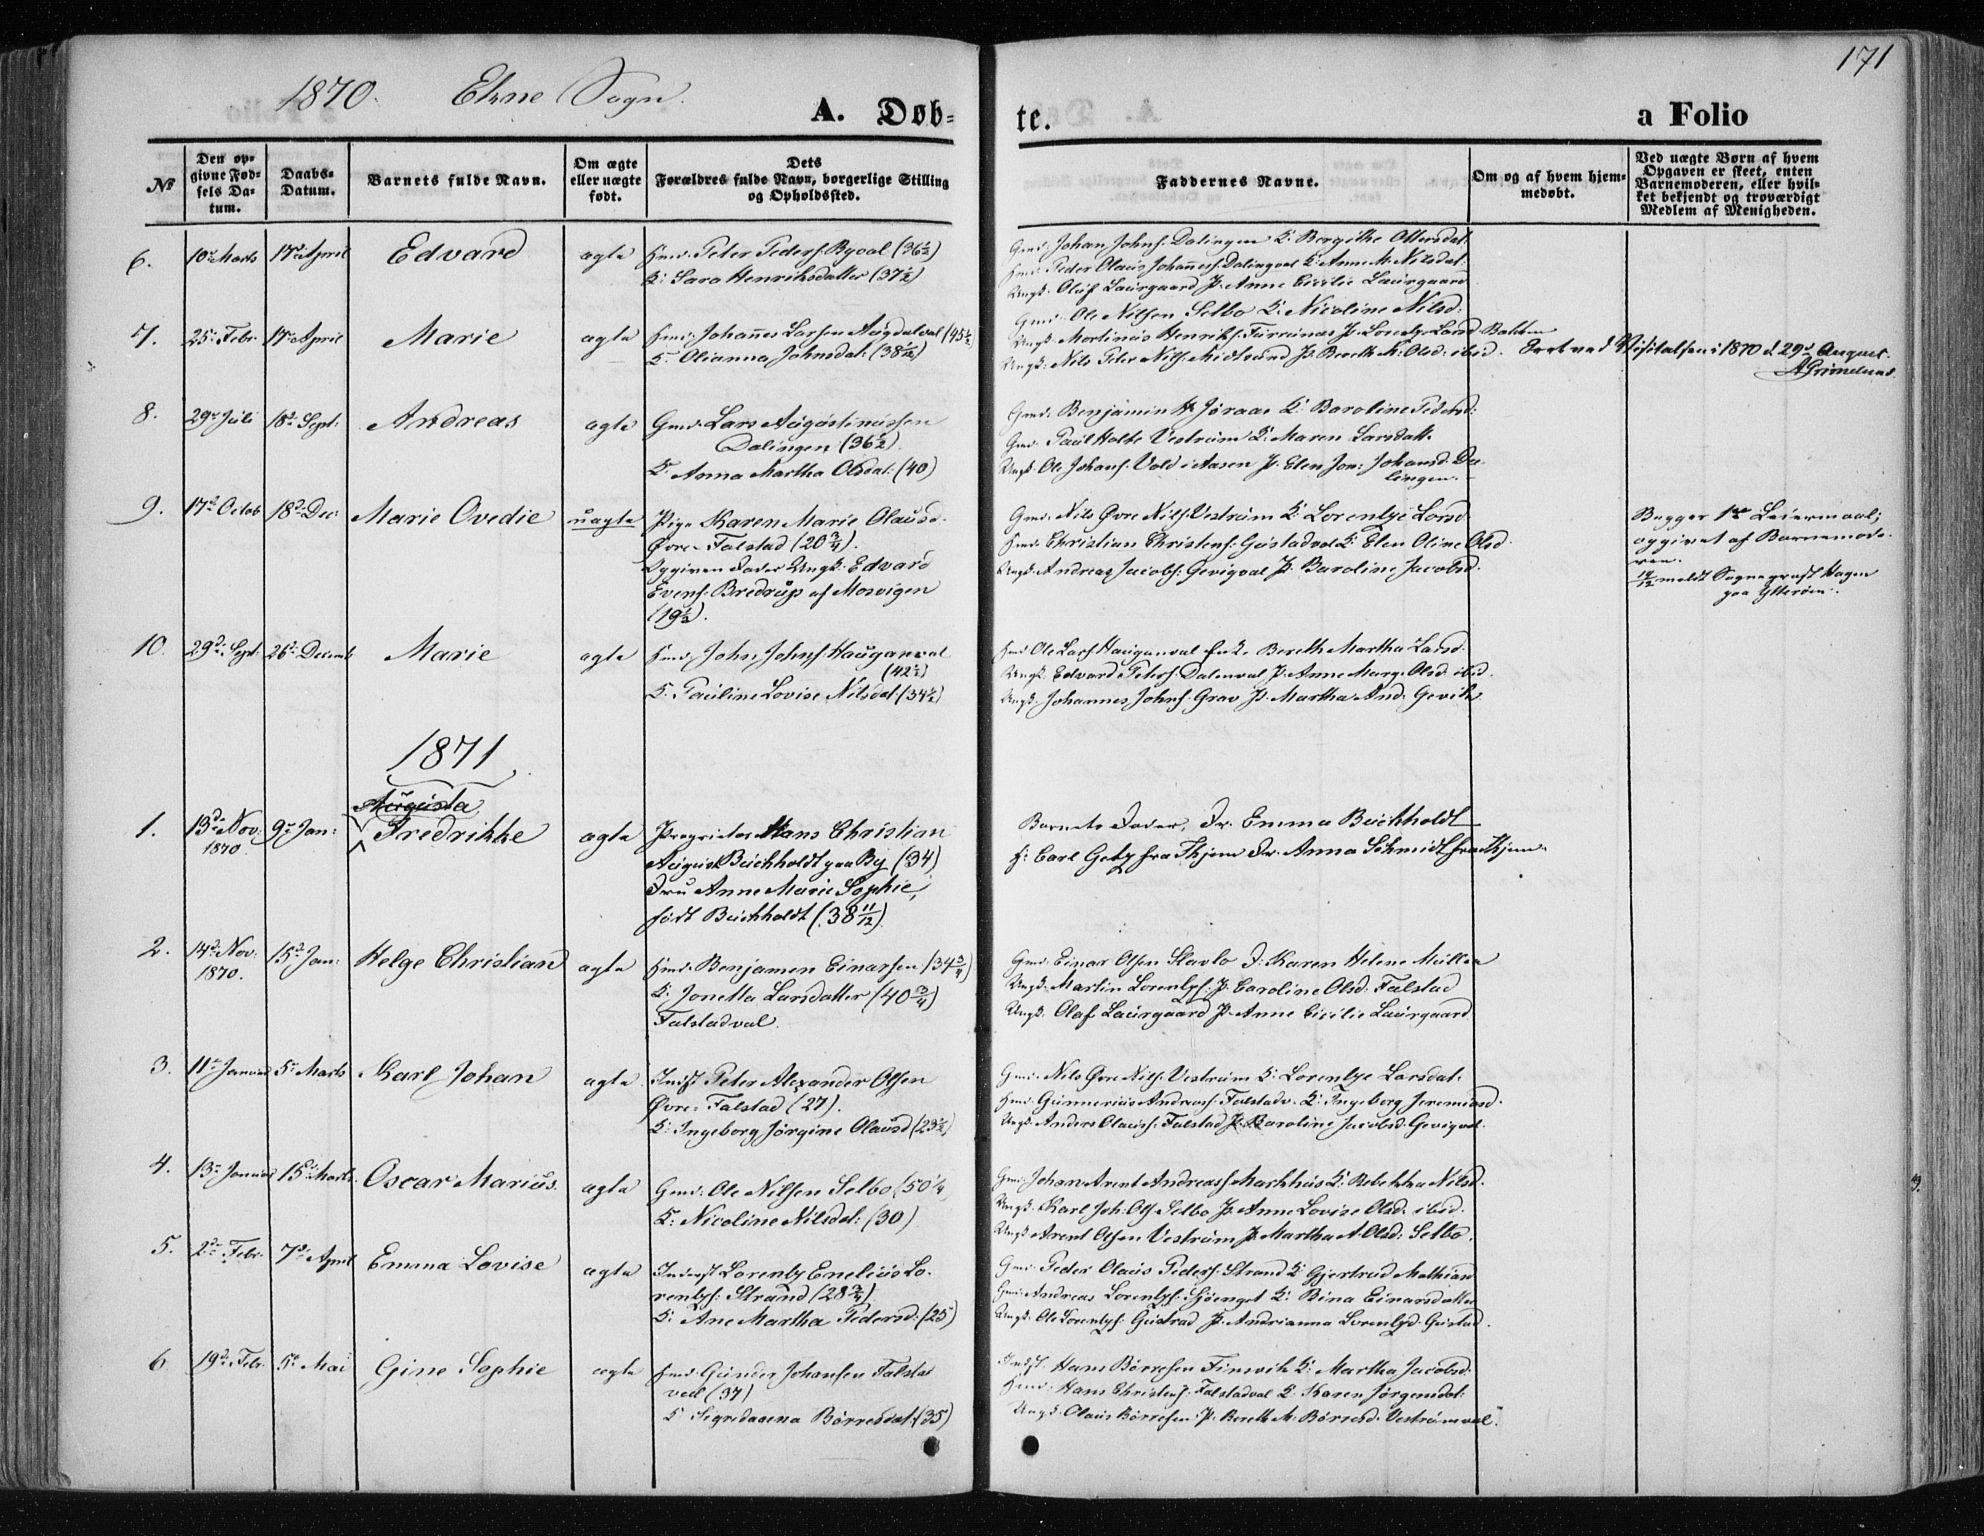 SAT, Ministerialprotokoller, klokkerbøker og fødselsregistre - Nord-Trøndelag, 717/L0158: Ministerialbok nr. 717A08 /2, 1863-1877, s. 171